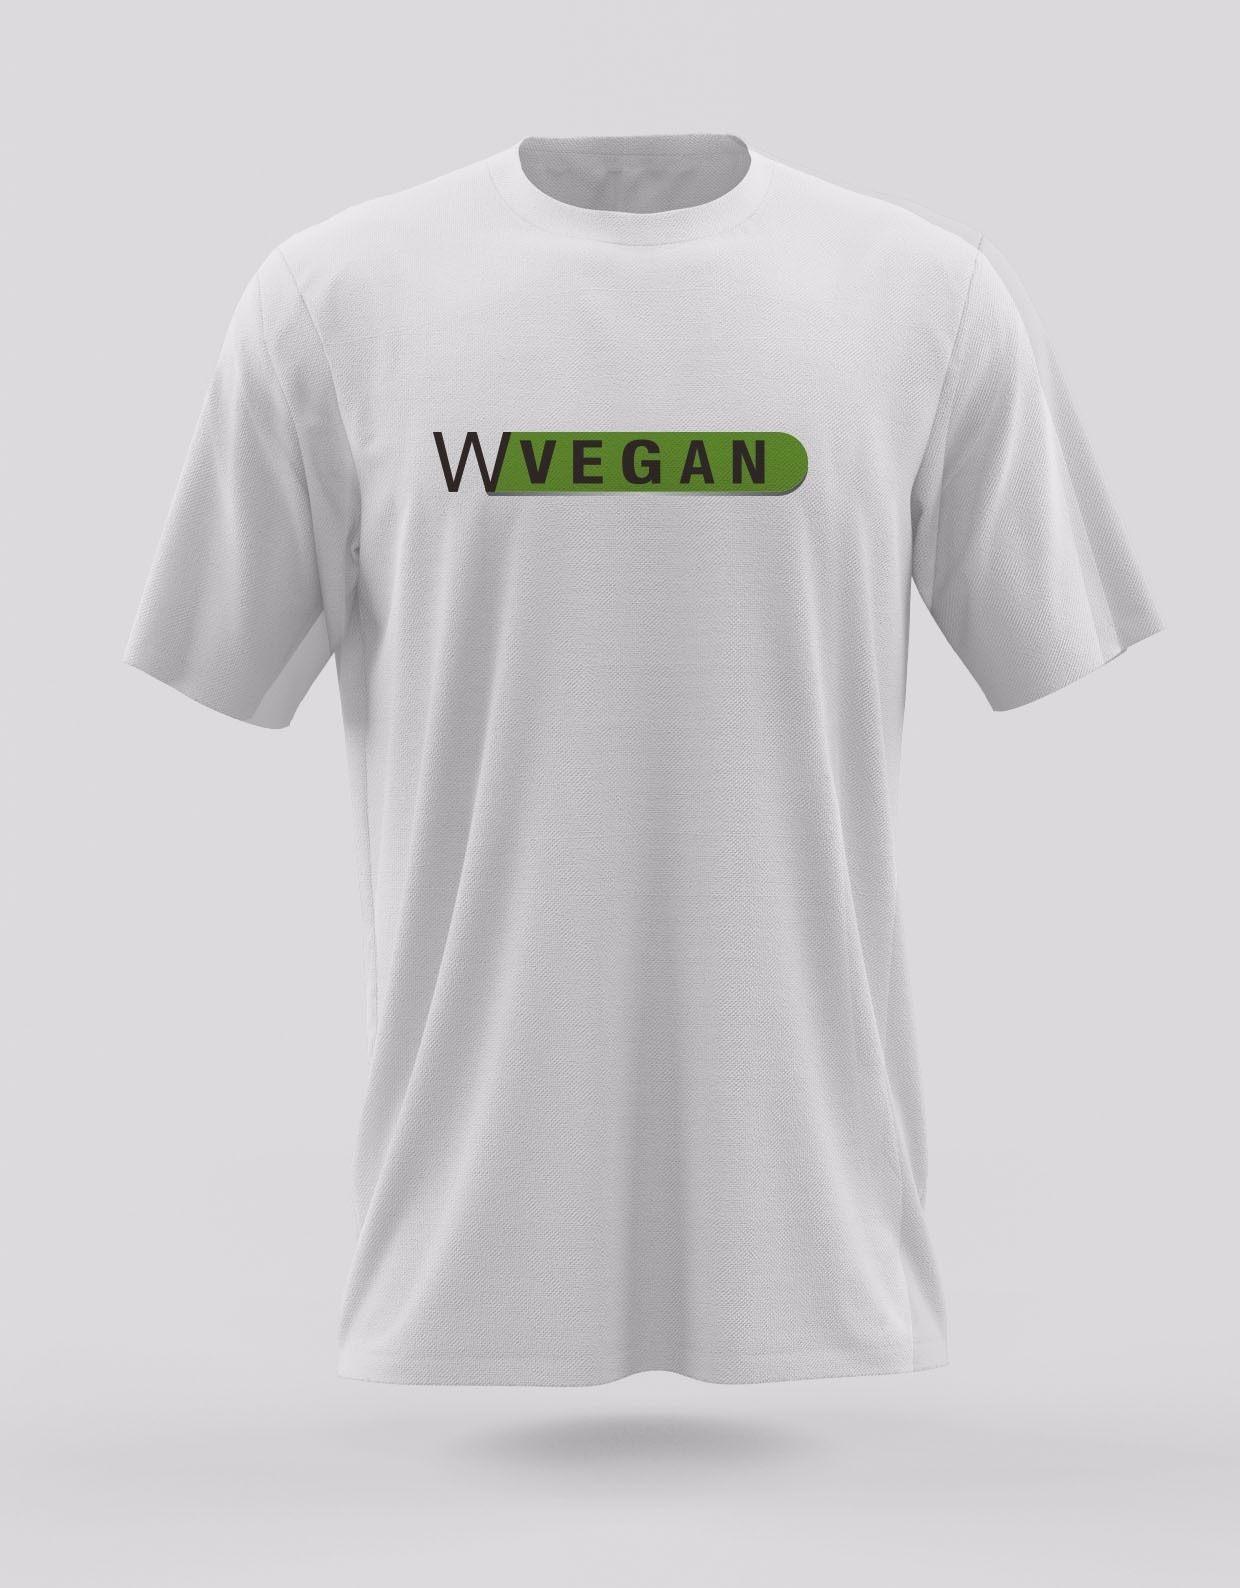 Camiseta GoVegan WVegan Tamanhos M, G e GG Camisa